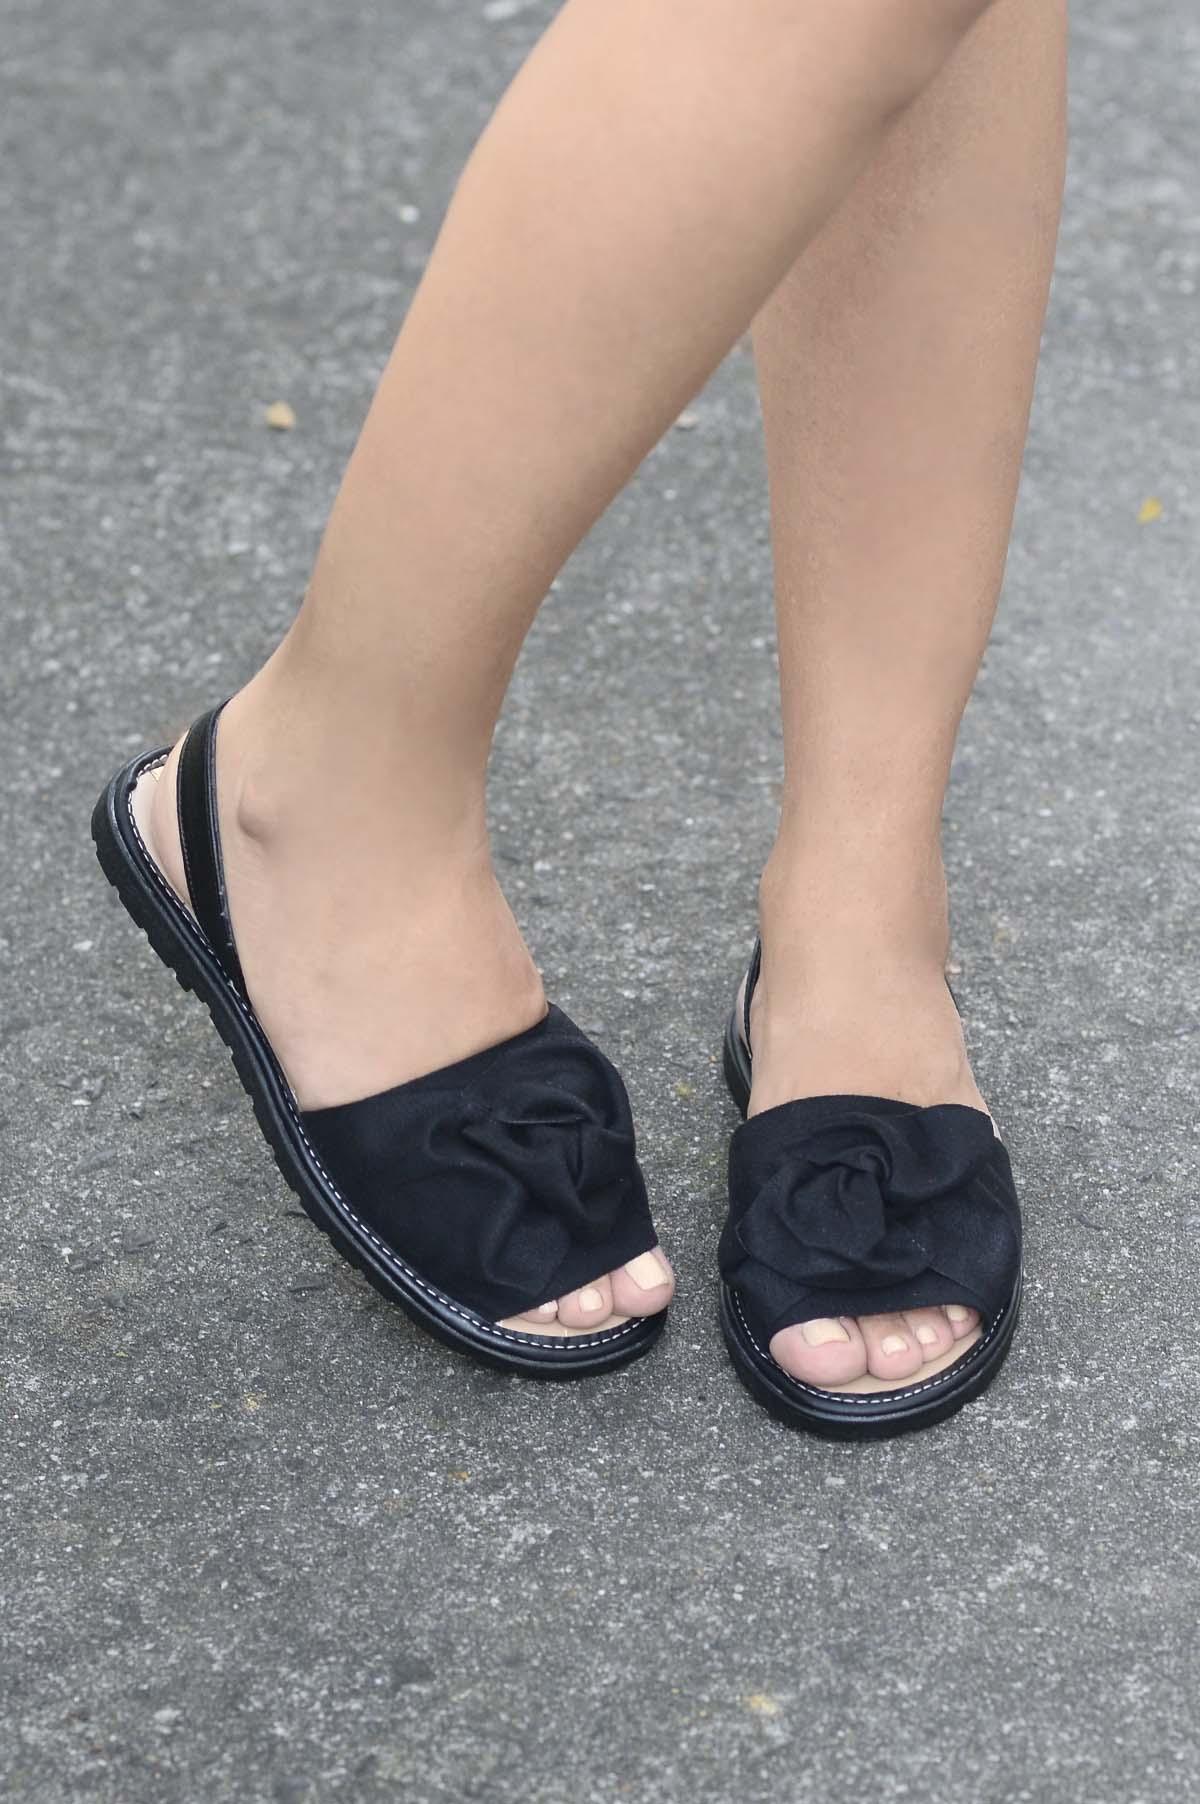 2a32b3ca9 Sandália Feminina Rasteira Kunis Moleca NB - PRETO - Mundial Calçados